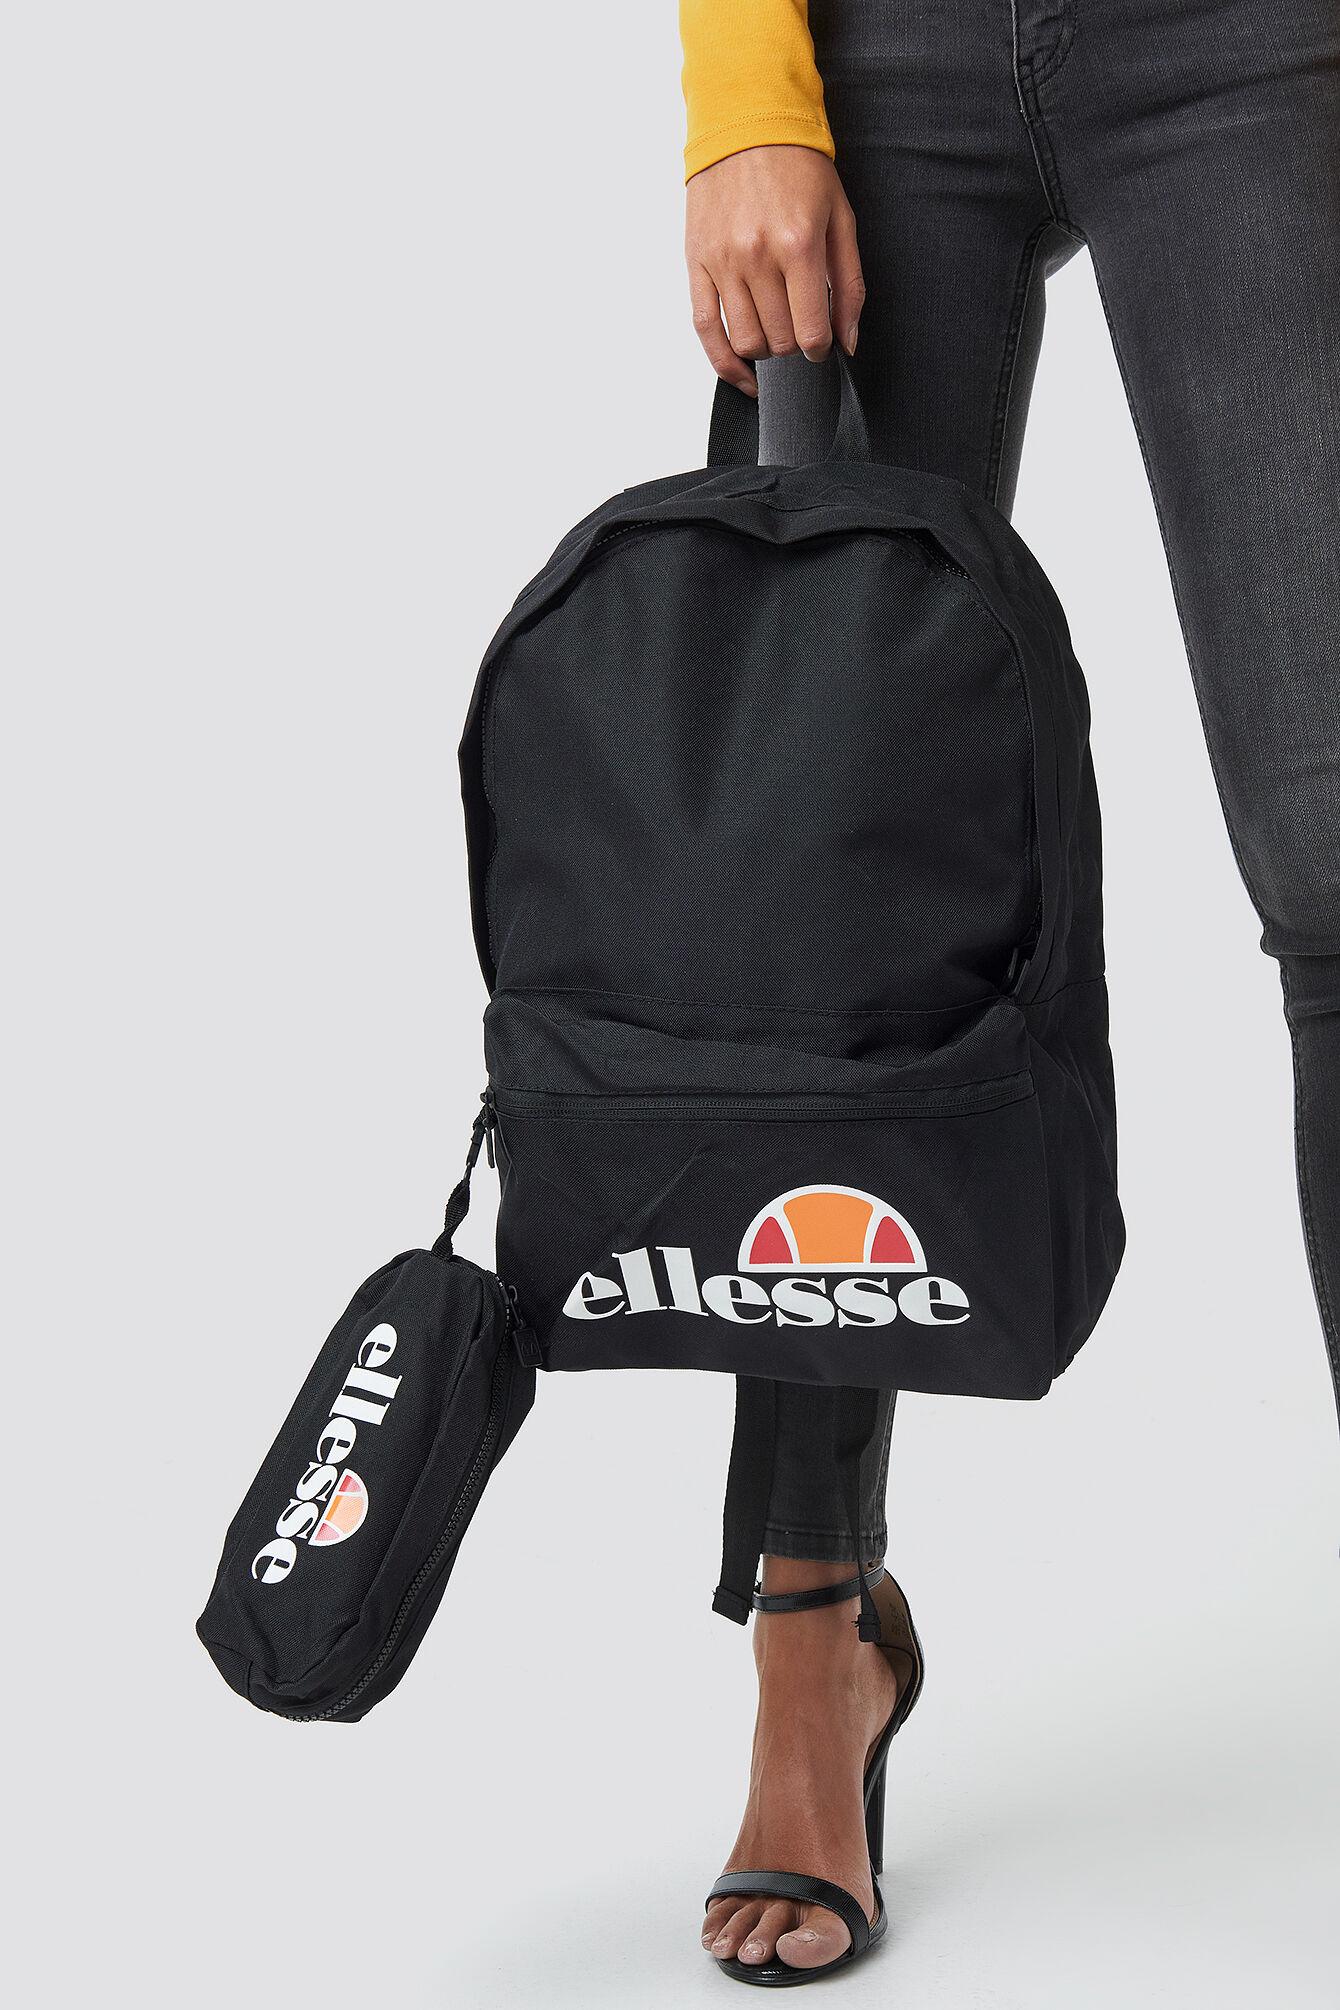 Ellesse El Rolby Backpack - Black